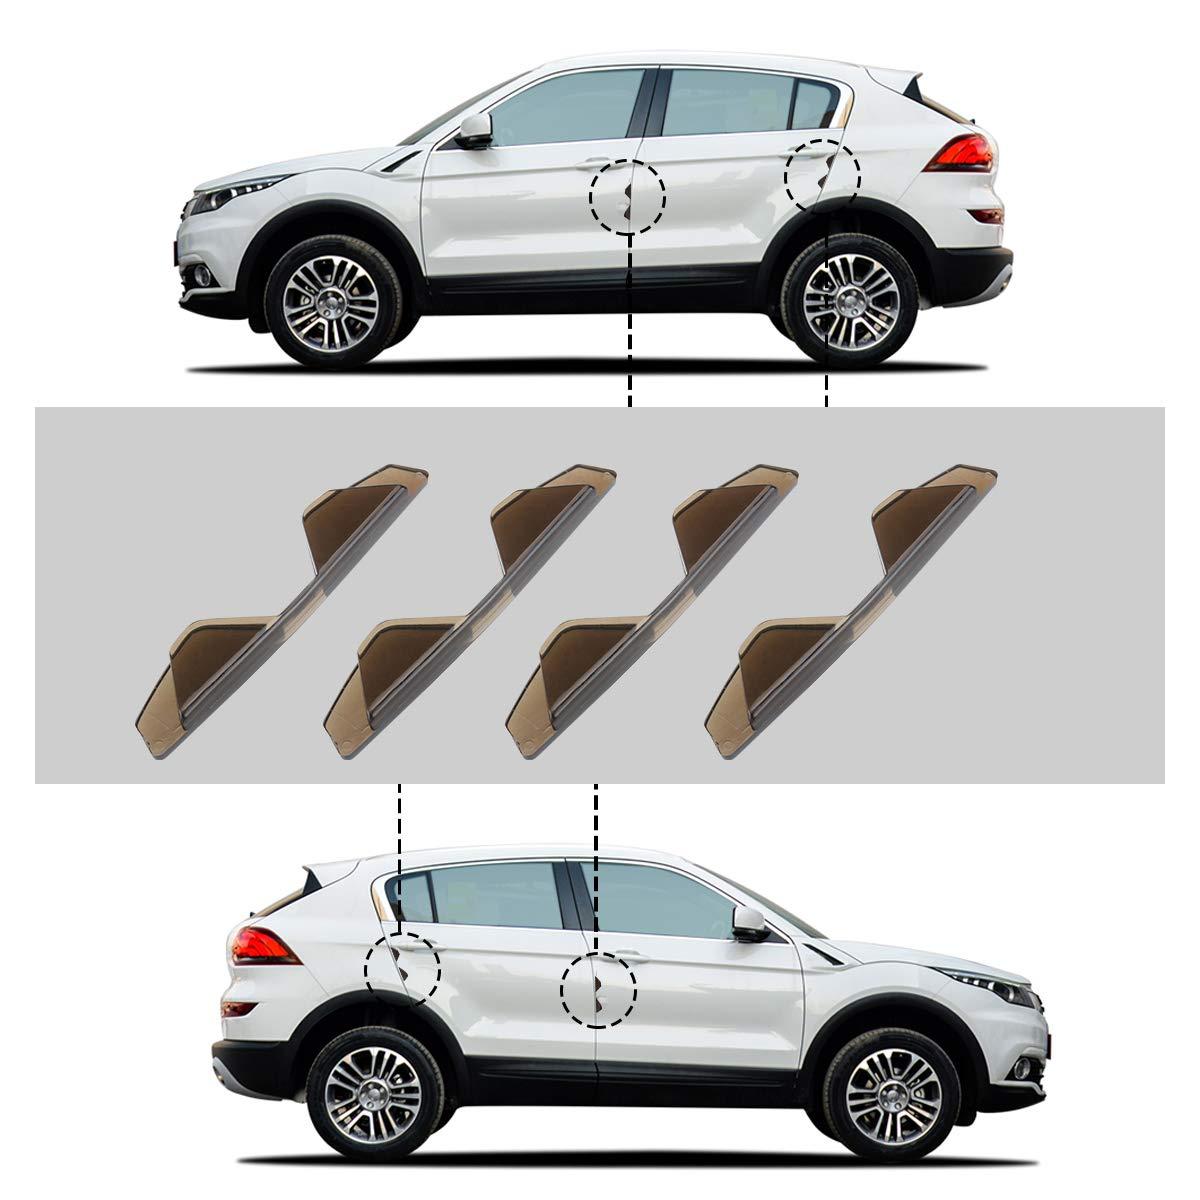 SENZEAL Guarnizione Porta Auto Striscia Paracolpi Gomma Bordo Auto Striscia Protettore Bordo della Porta con Strisce Adesive 4 Pz Trasparente